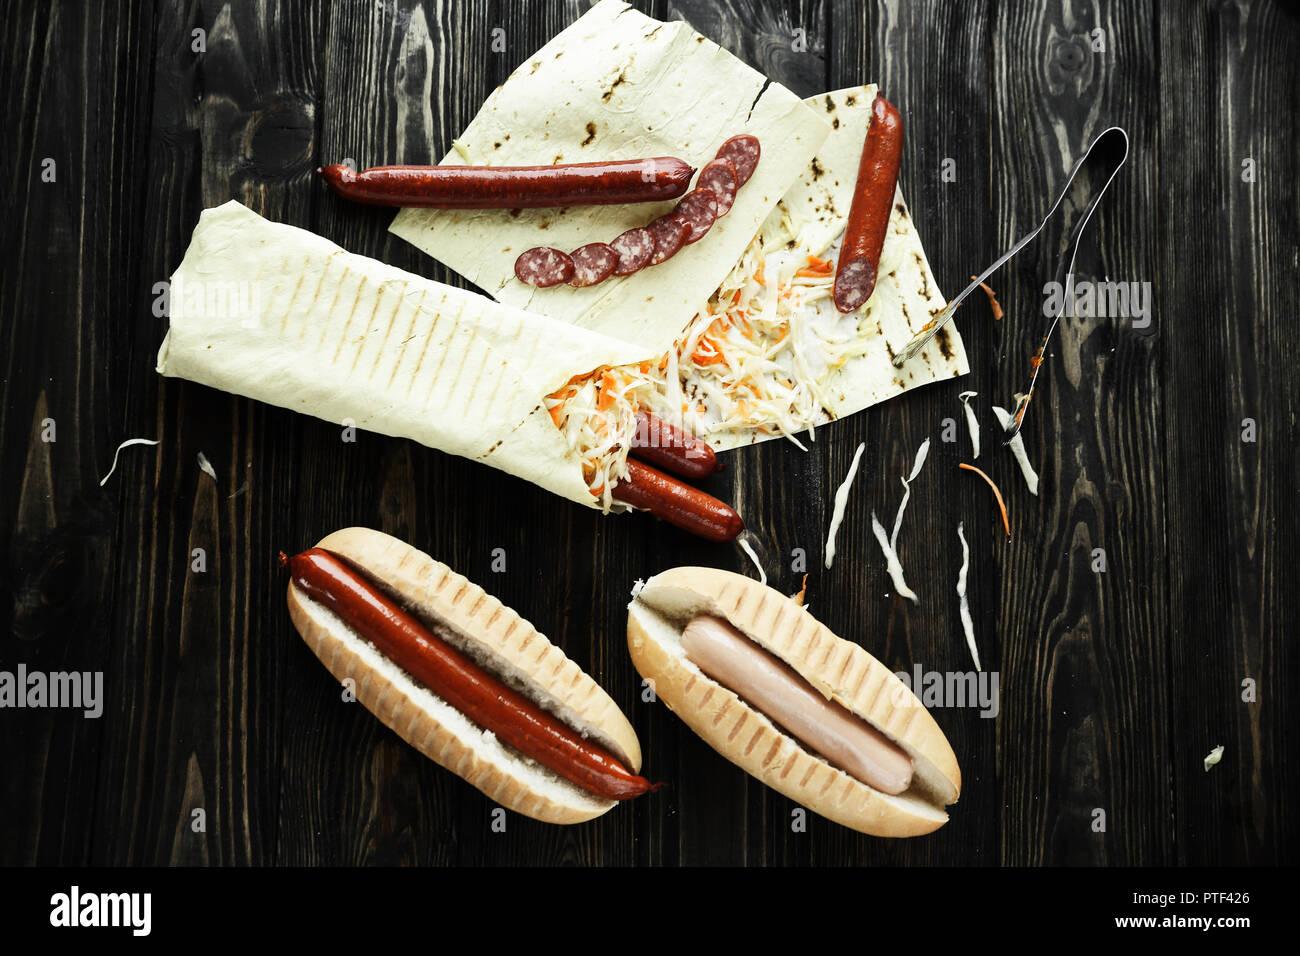 Préparation des hot-dogs avec saucisses et saucissons Photo Stock